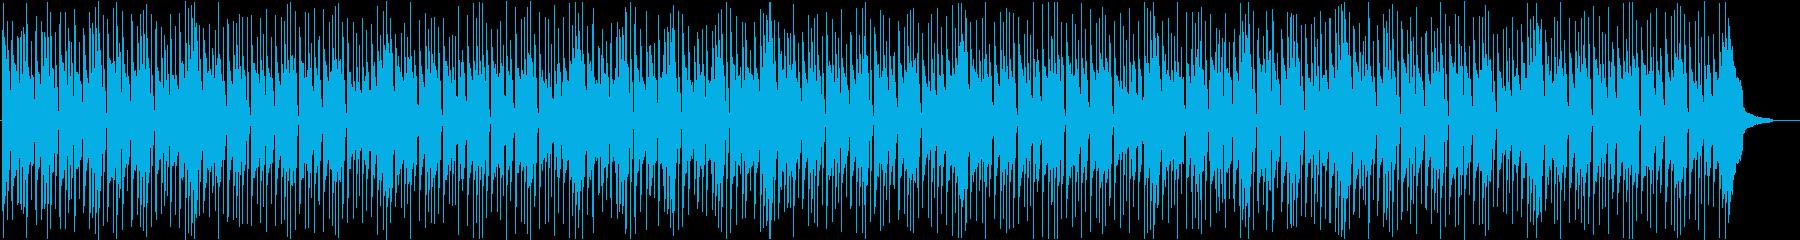 爽やかな休暇をイメージしたピアノBGMの再生済みの波形